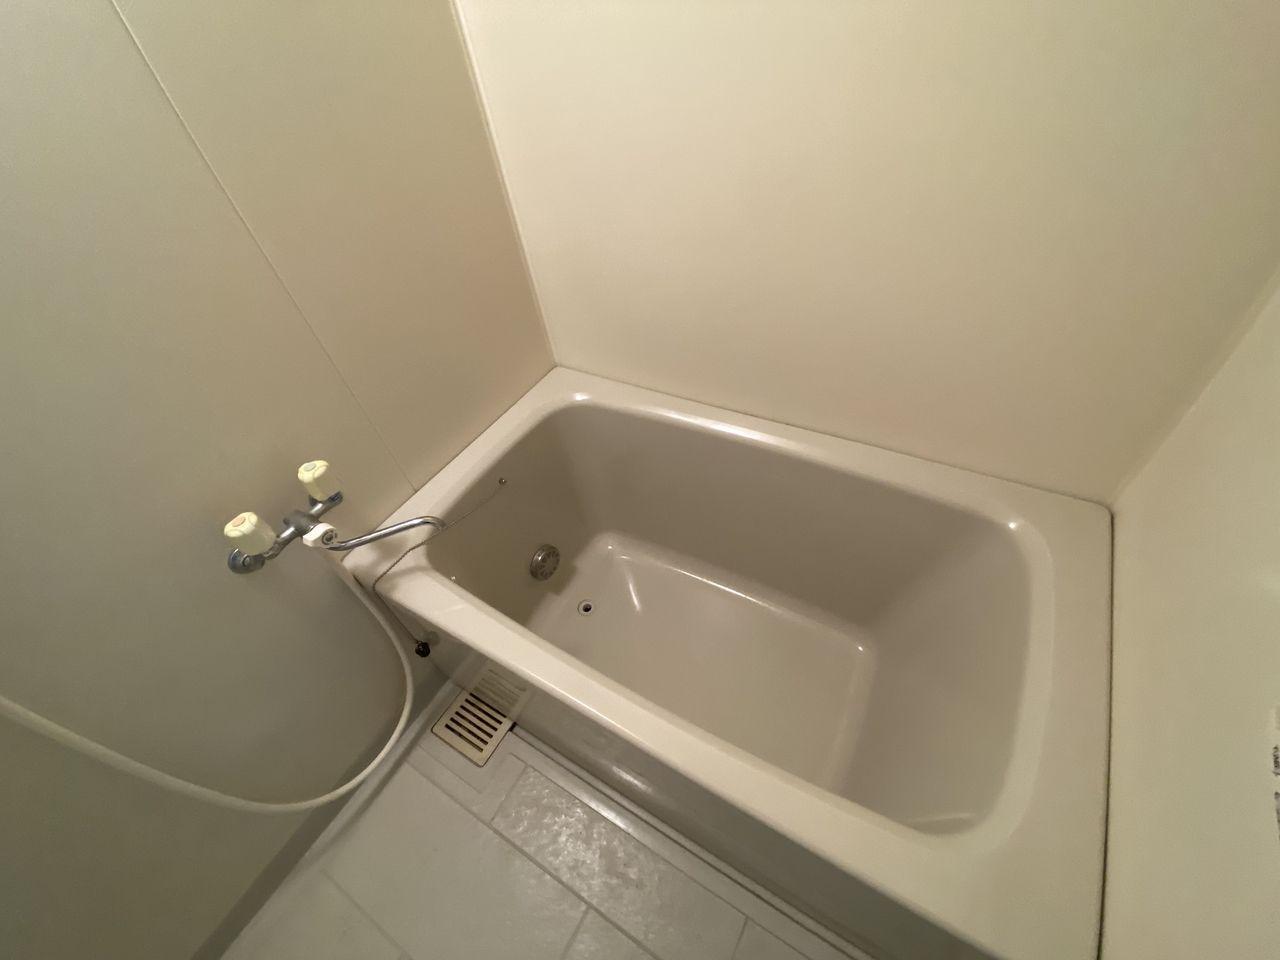 EV付たまプラーザ駅2分のマンションの第5正美ビルの追い焚き機能付の浴槽です。